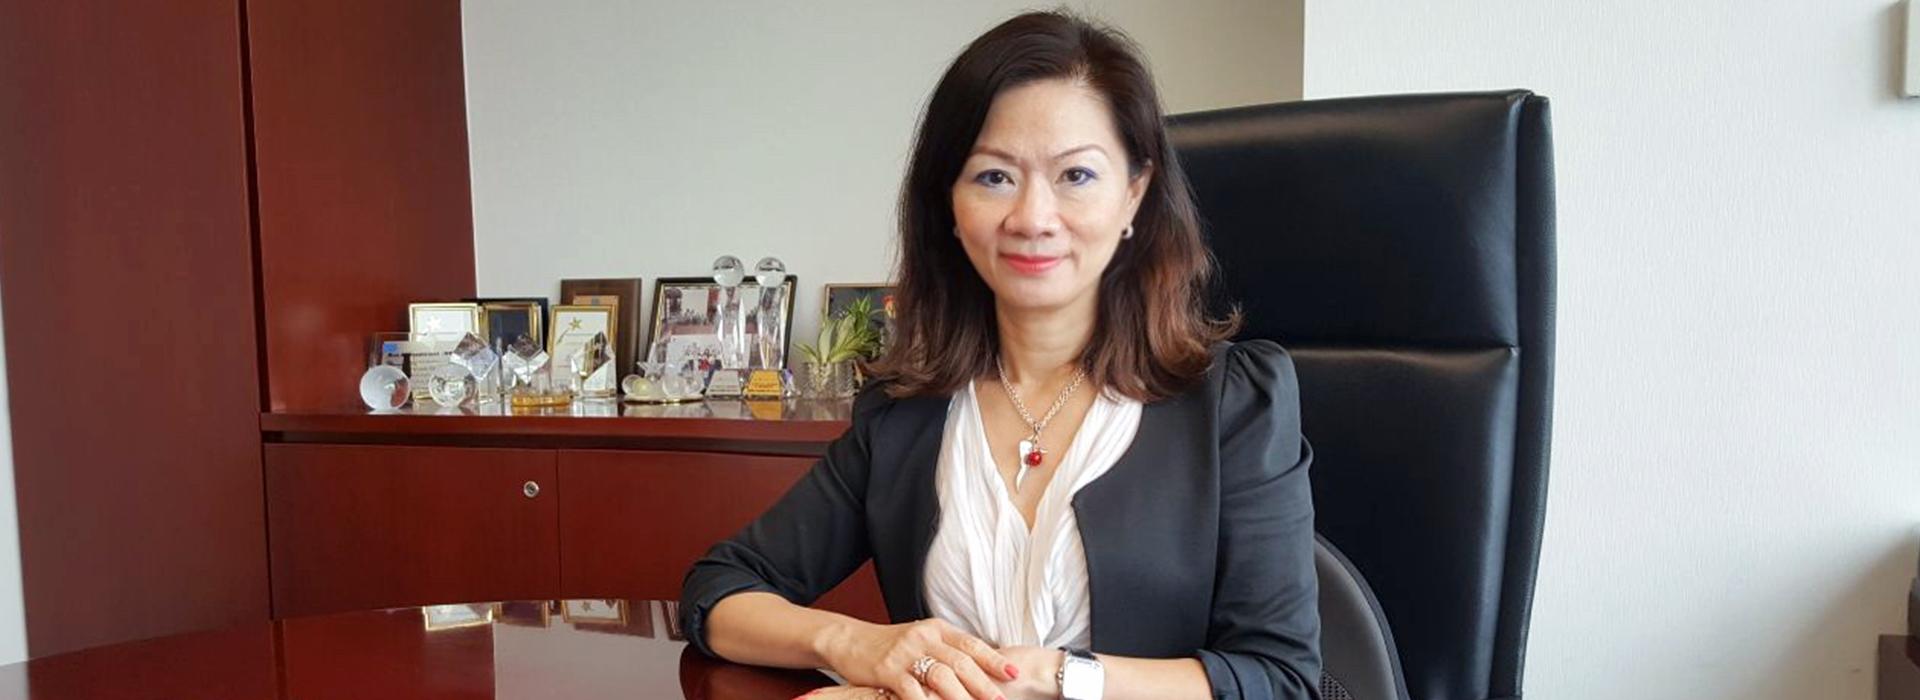 美國歐文氏商業顧問(香港)有限公司 大數據助陣 實現頂級追收專業服務